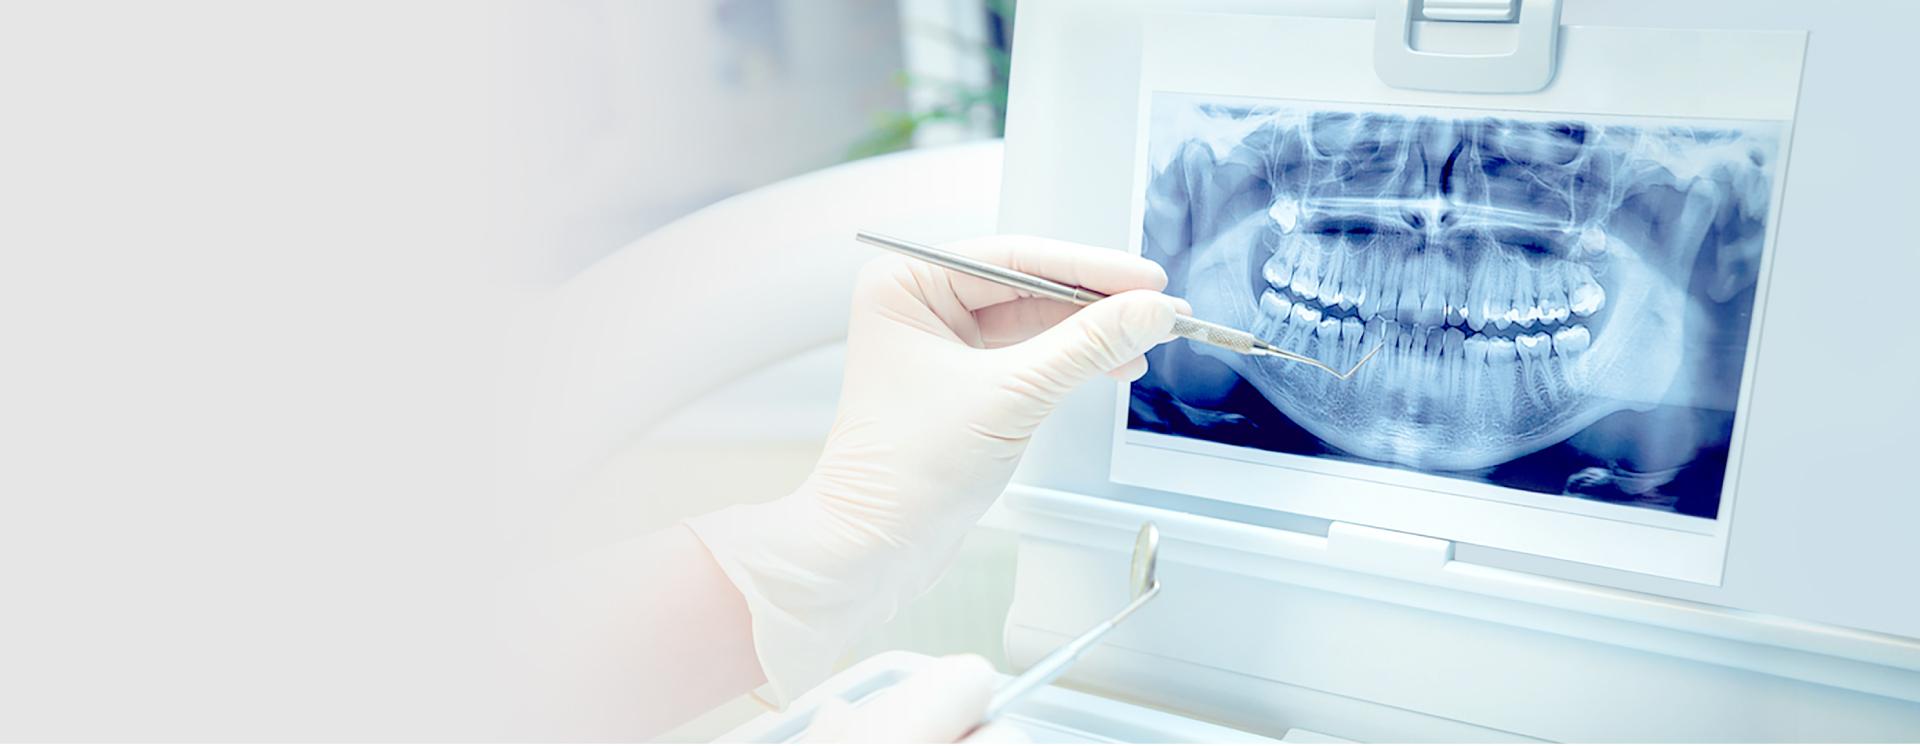 """Loại trụ Implant nào tốt, """"tuổi thọ"""" được bao lâu?"""